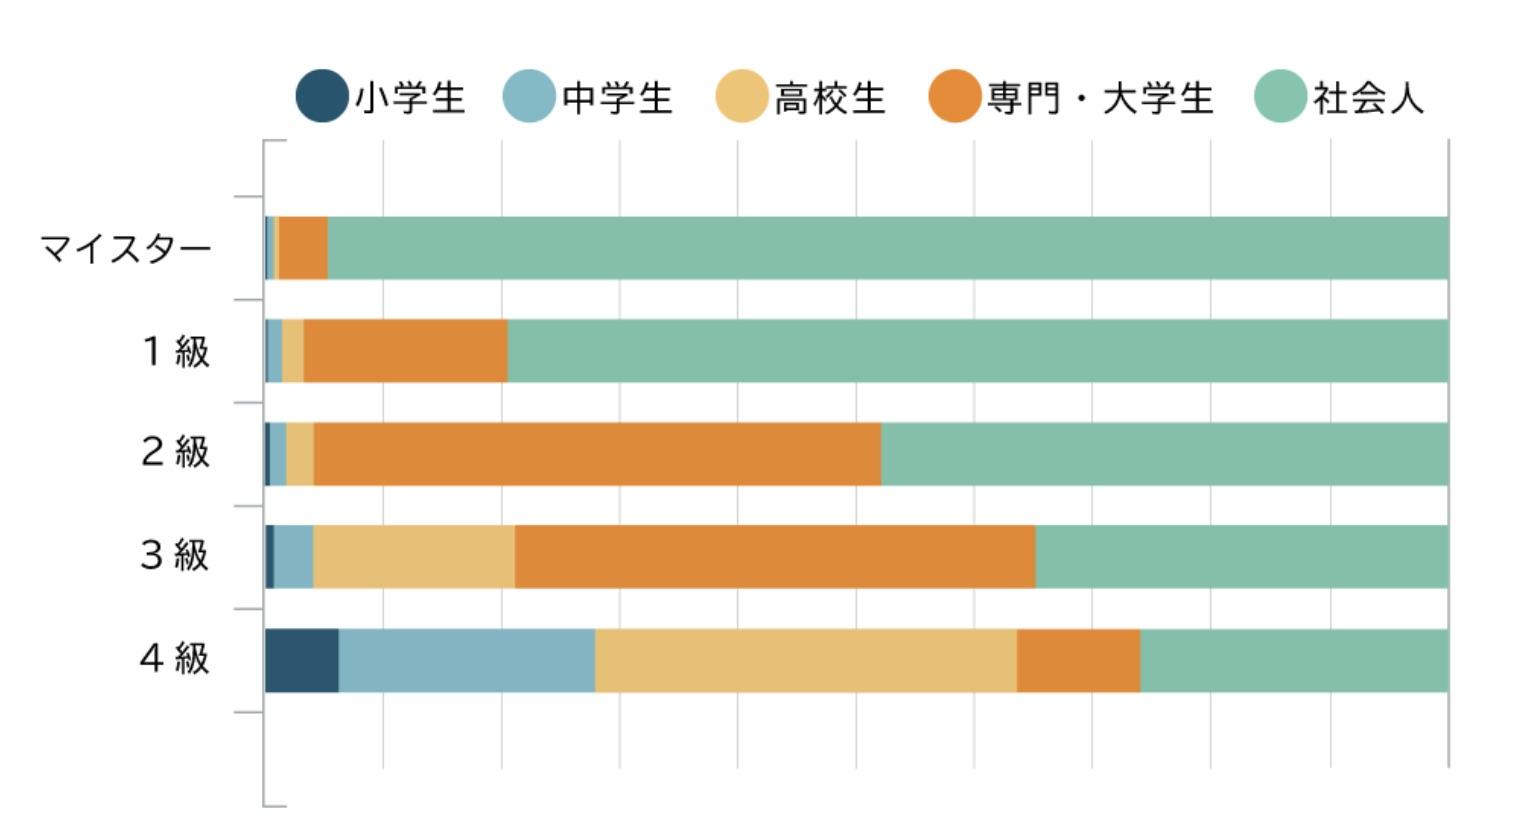 世界遺産検定 合格者の割合